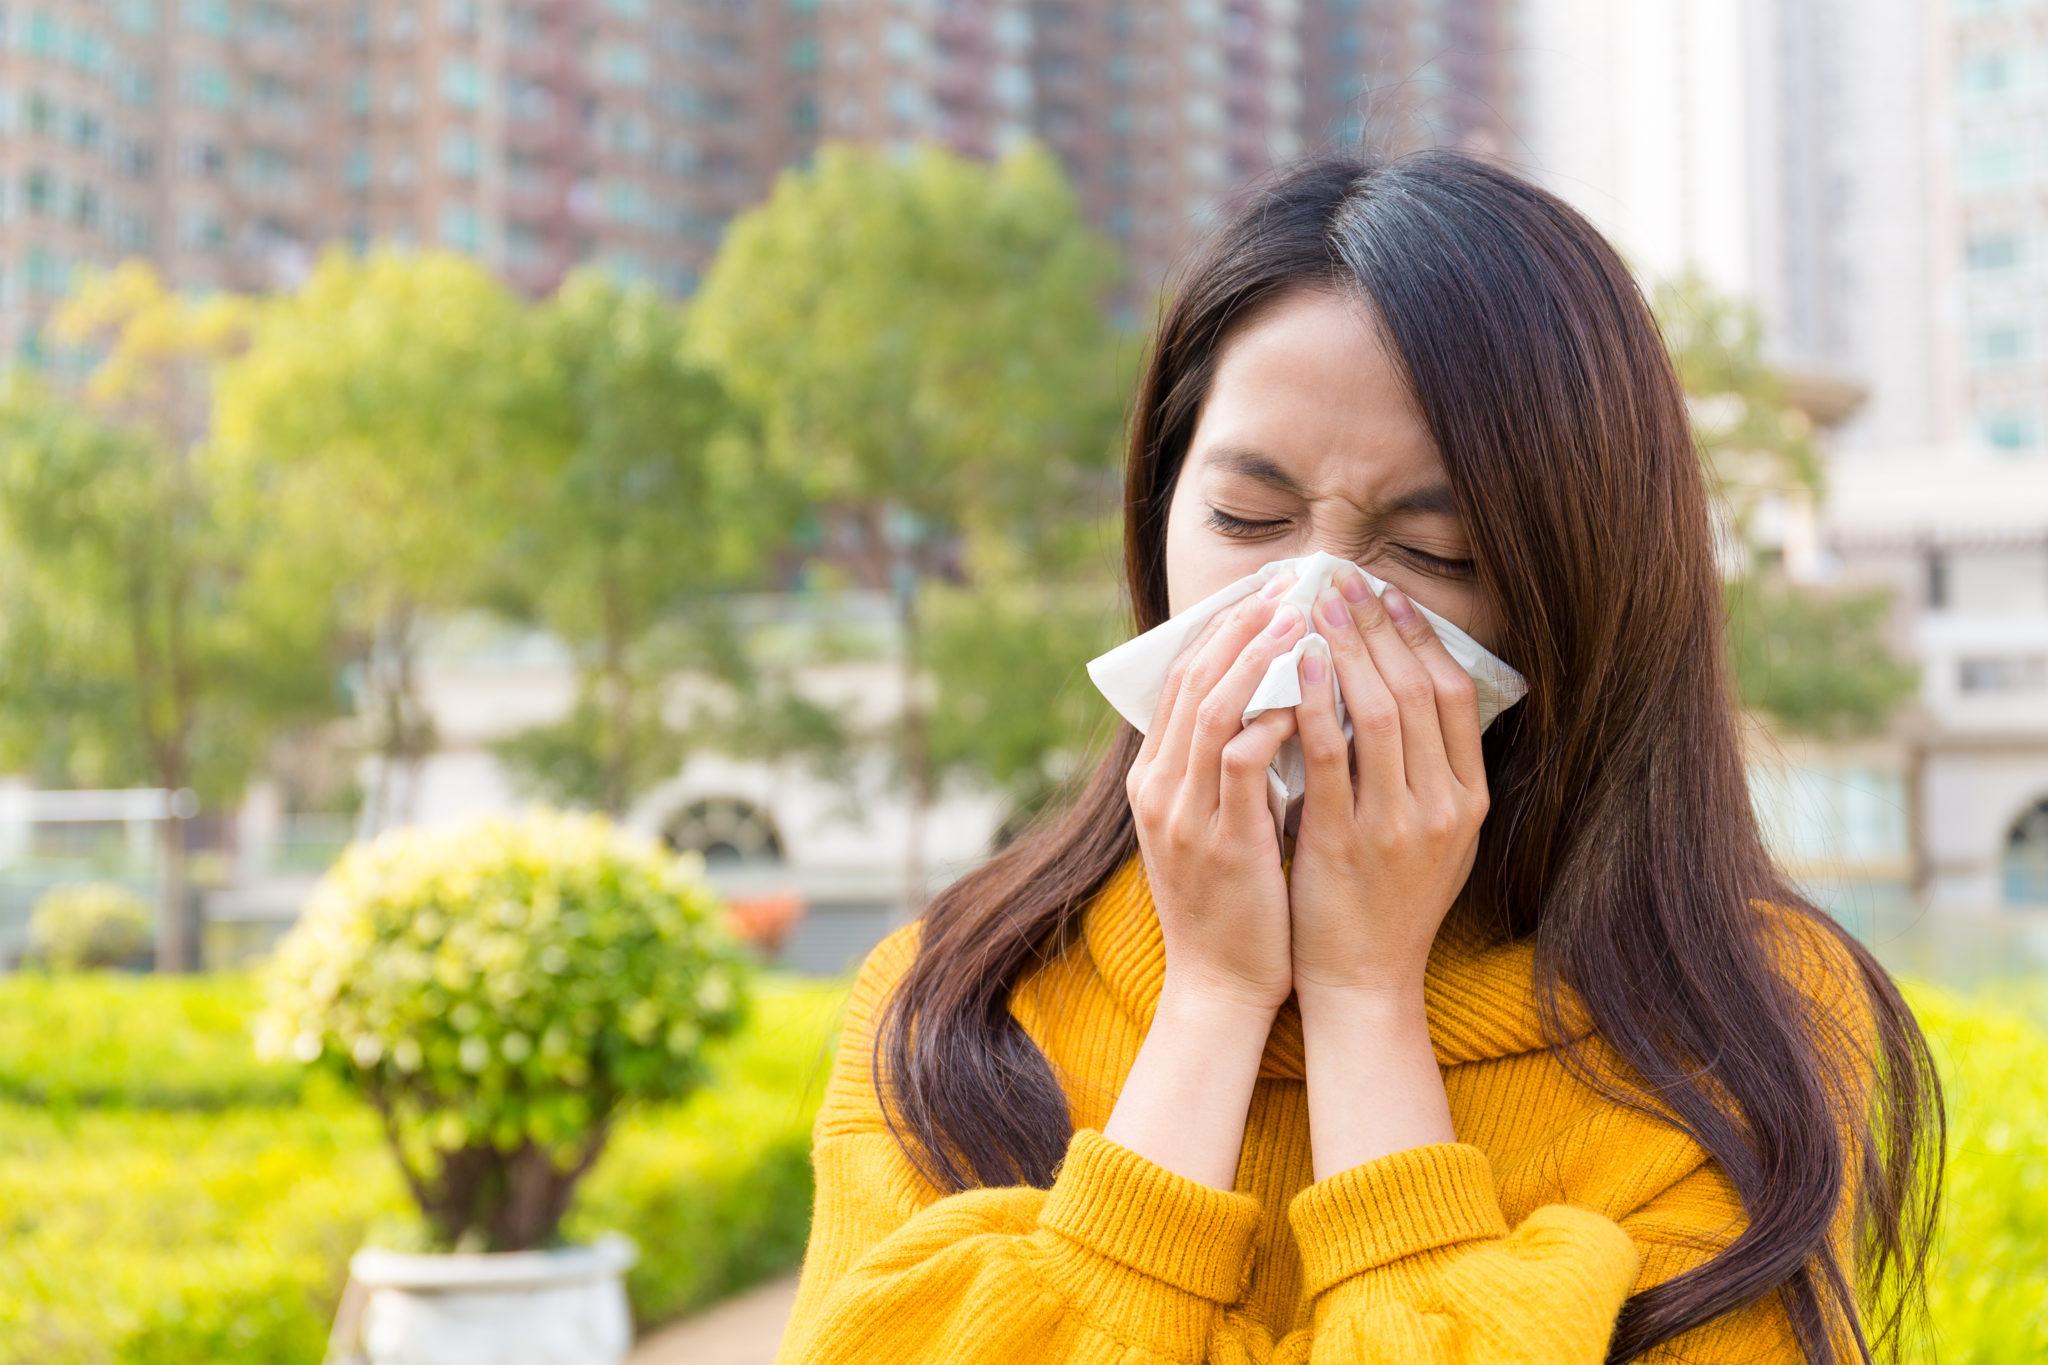 Lady sneezing